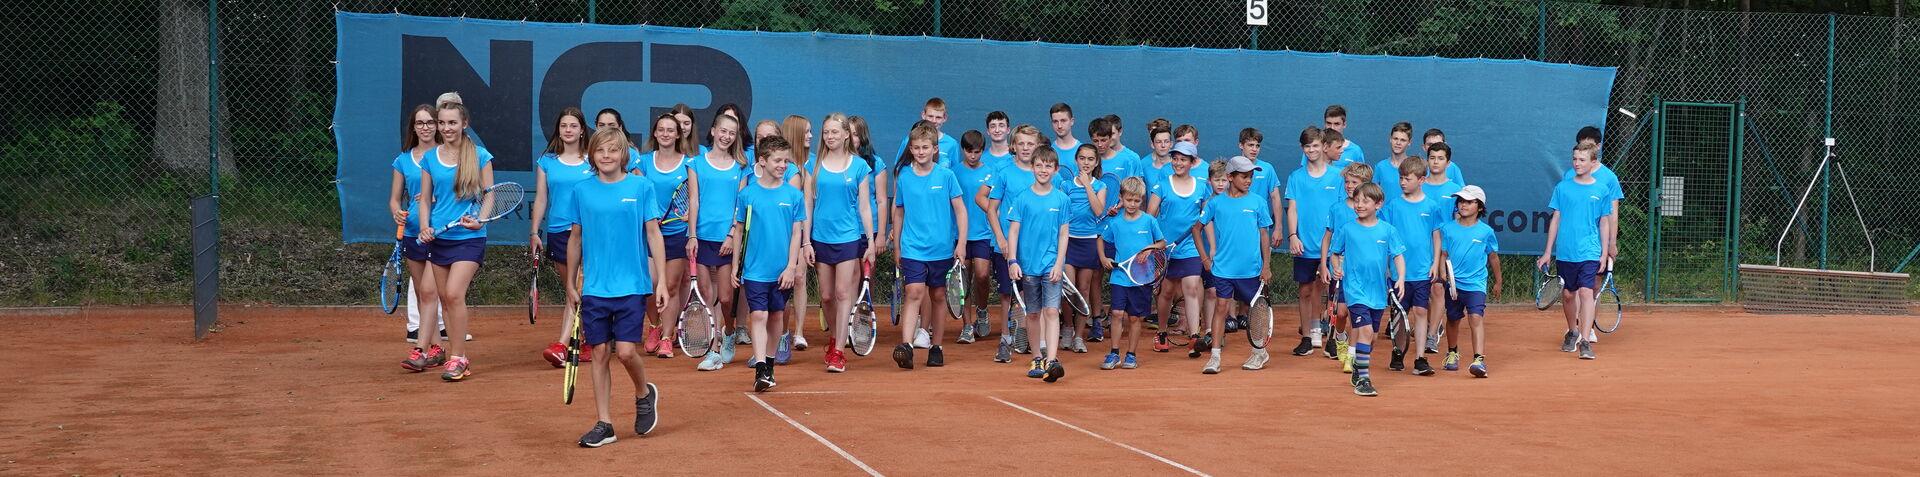 Neueinkleidung der Tennisjugend durch Peter Söll von NCP